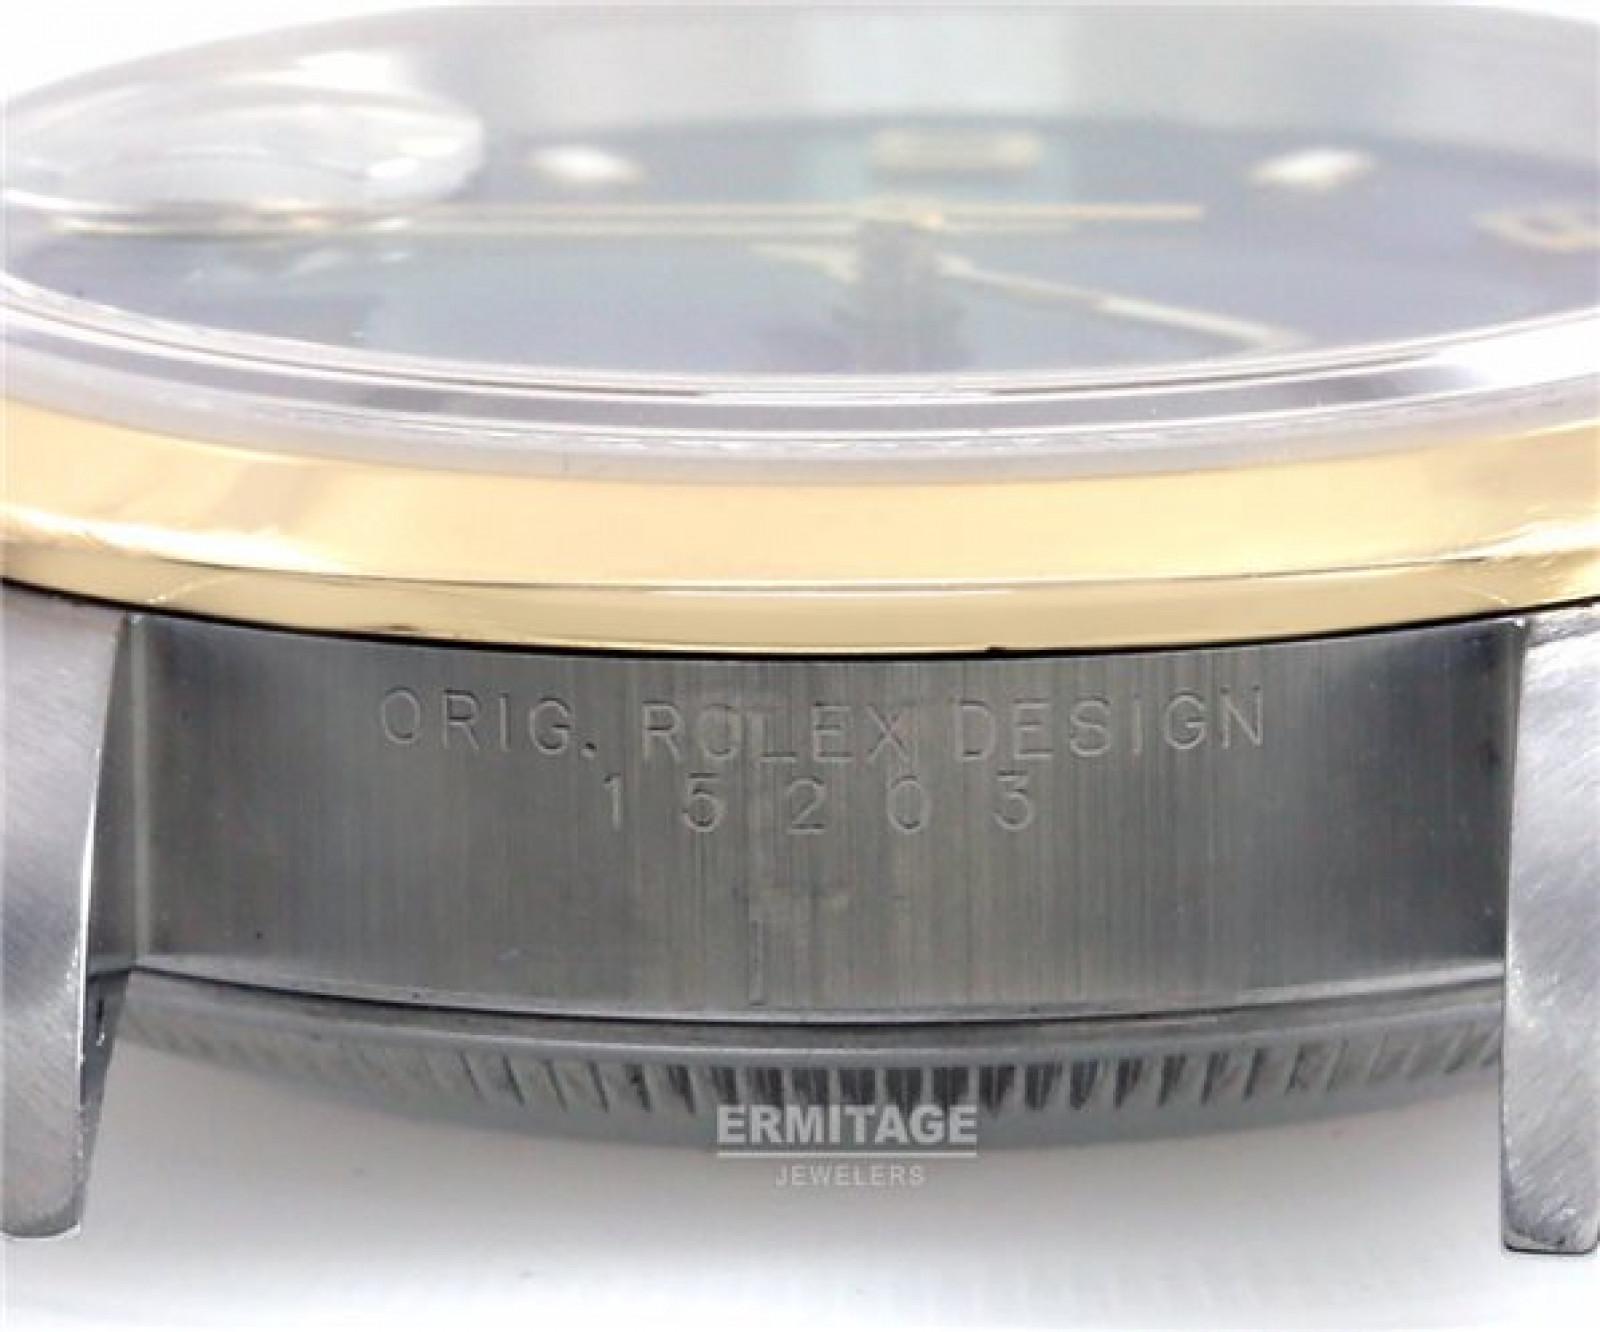 2004 Rolex Date Ref. 15203